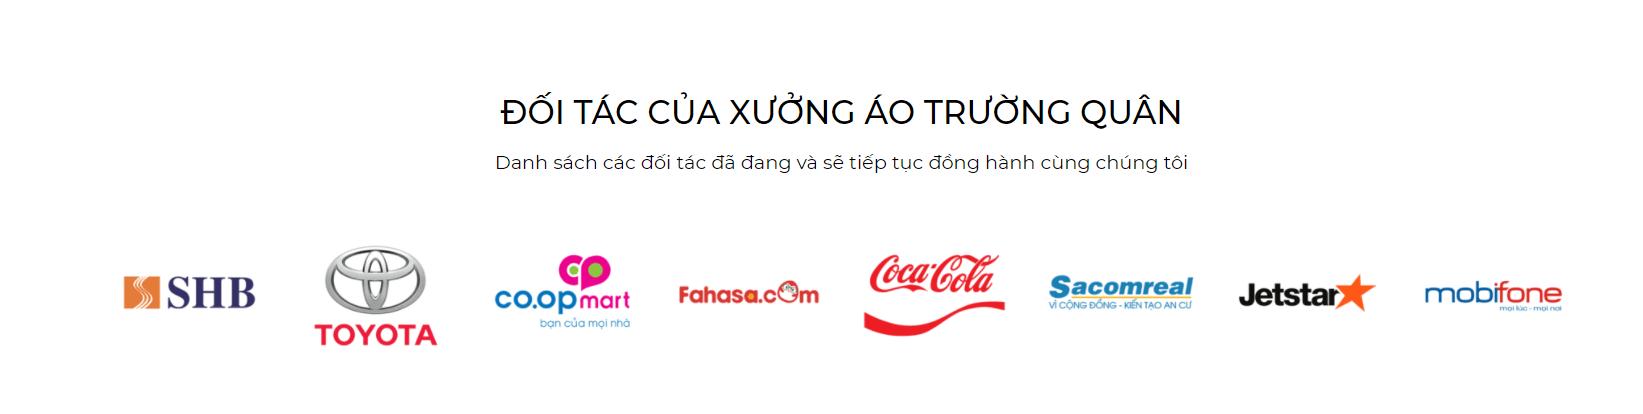 xuong-may-ao-dong-phuc-chat-luong